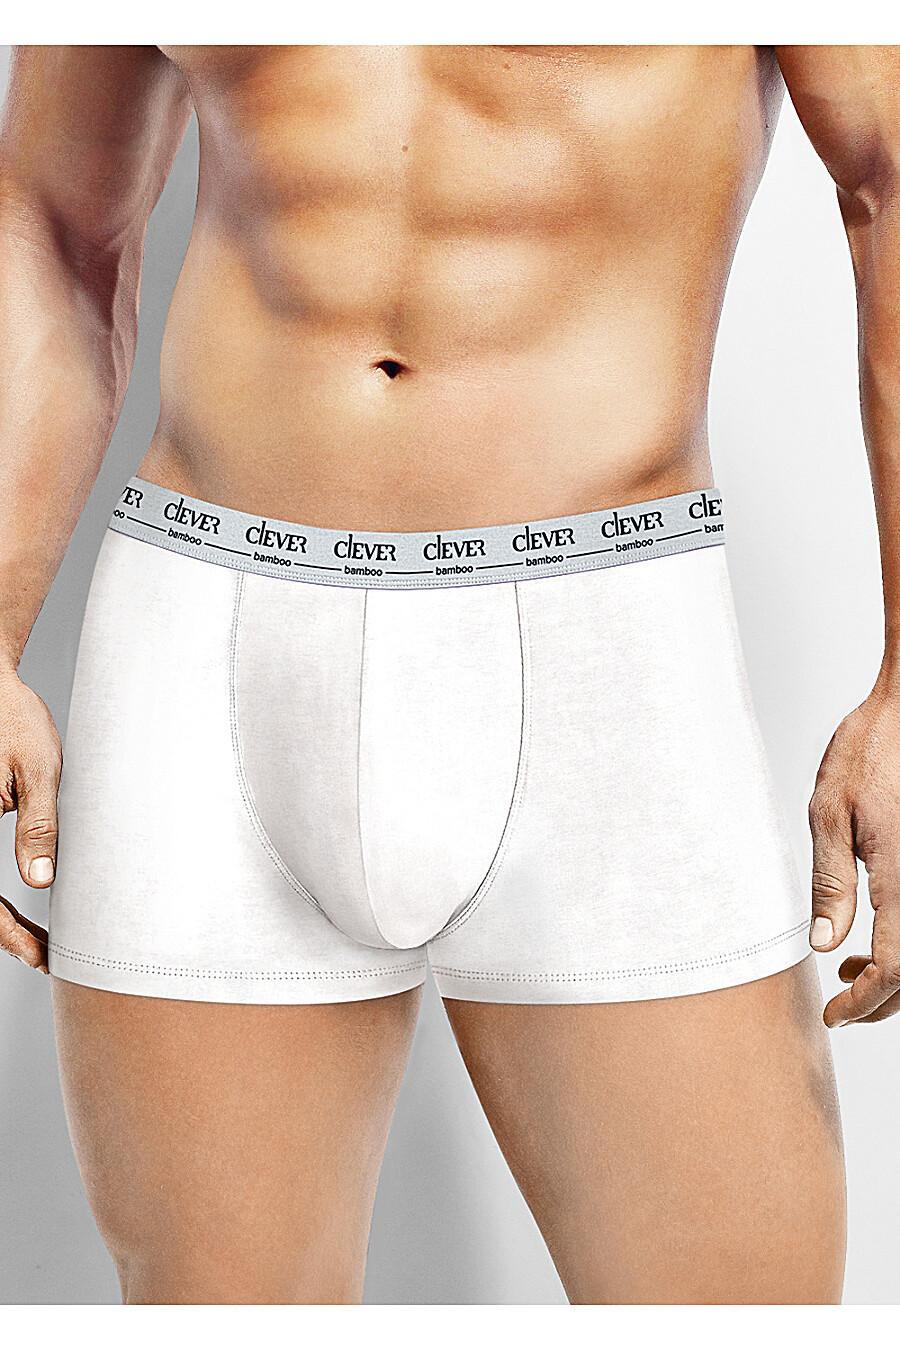 Трусы для мужчин CLEVER 151940 купить оптом от производителя. Совместная покупка мужской одежды в OptMoyo